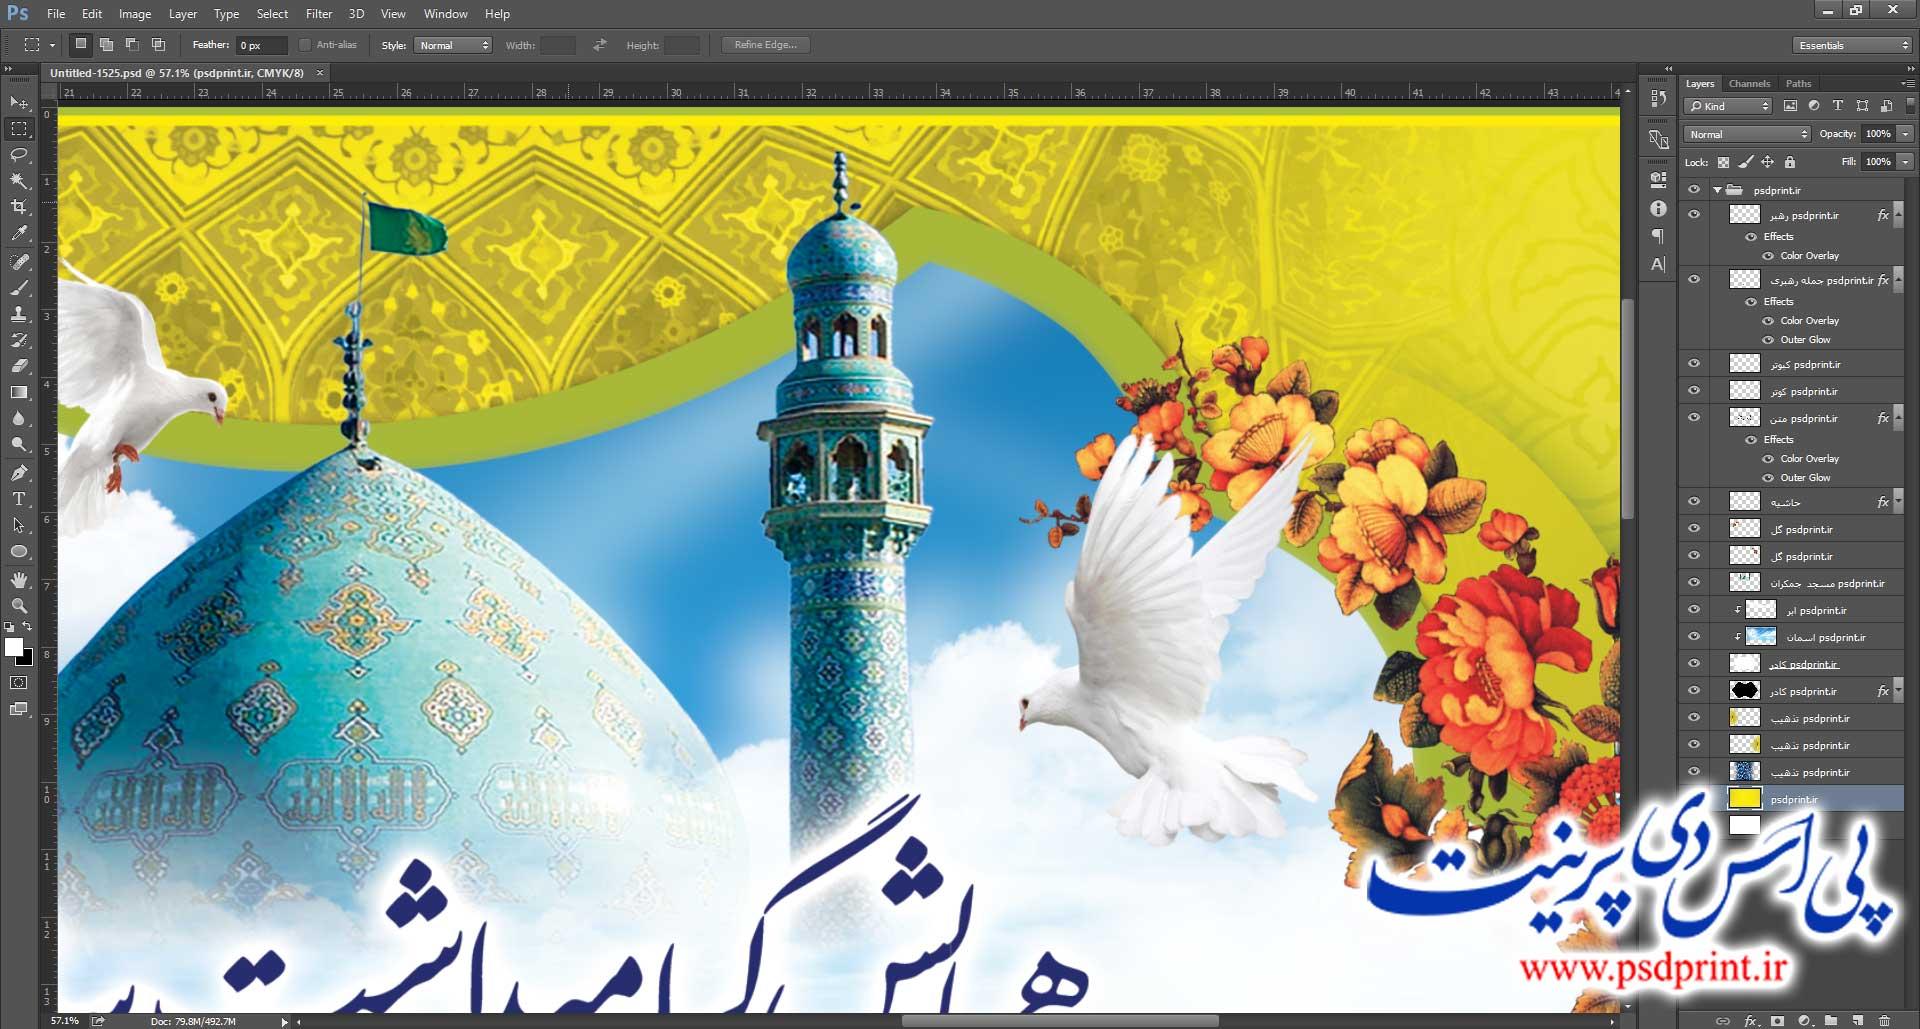 بنر همایش سالروز تاسیس کانون فرهنگی هنری مساجد